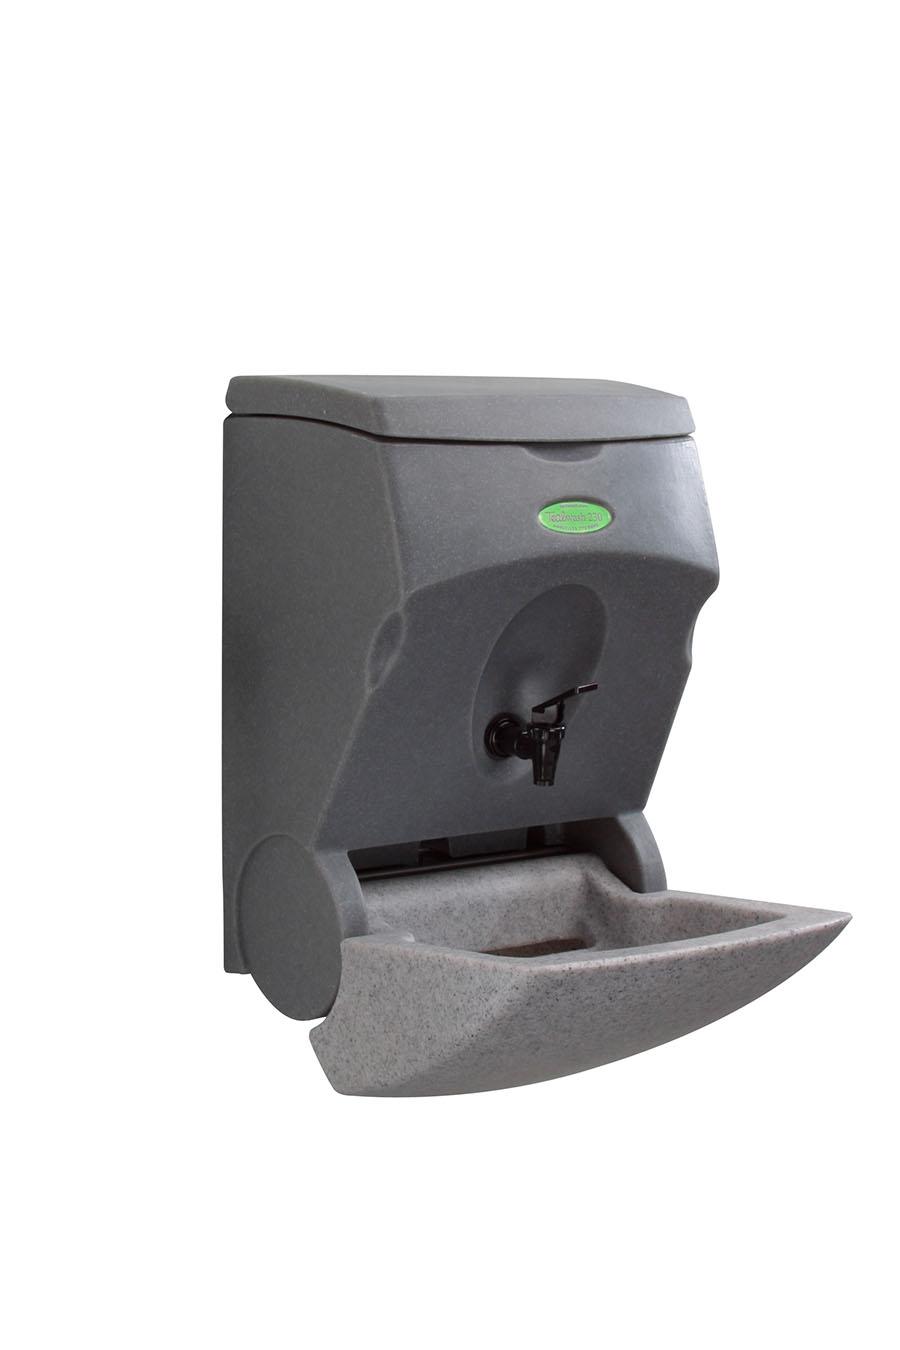 Tealwash 12v Handwash system